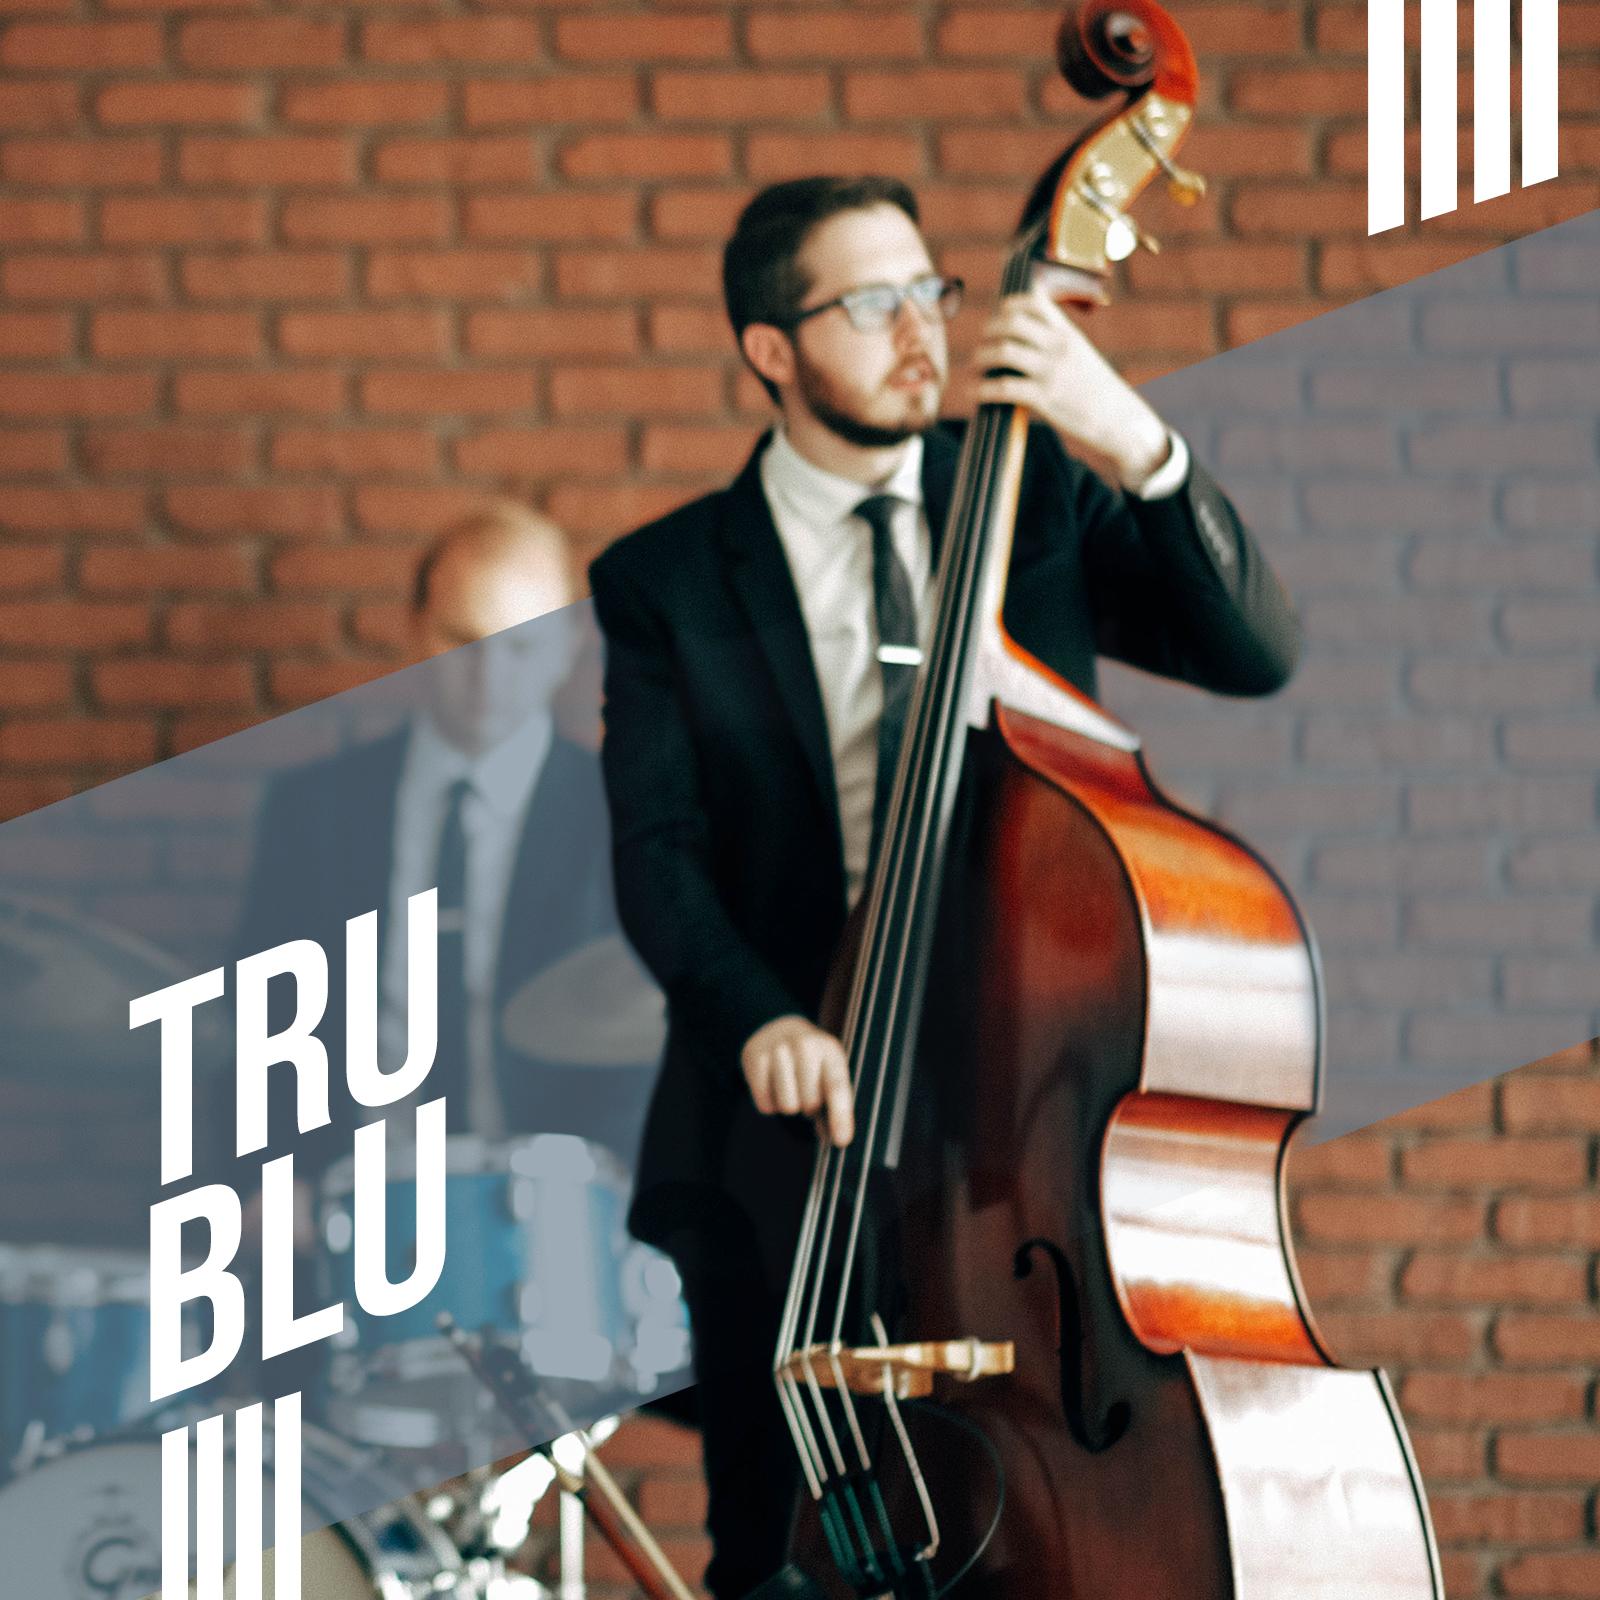 TruBlu-Trip-Right.jpg